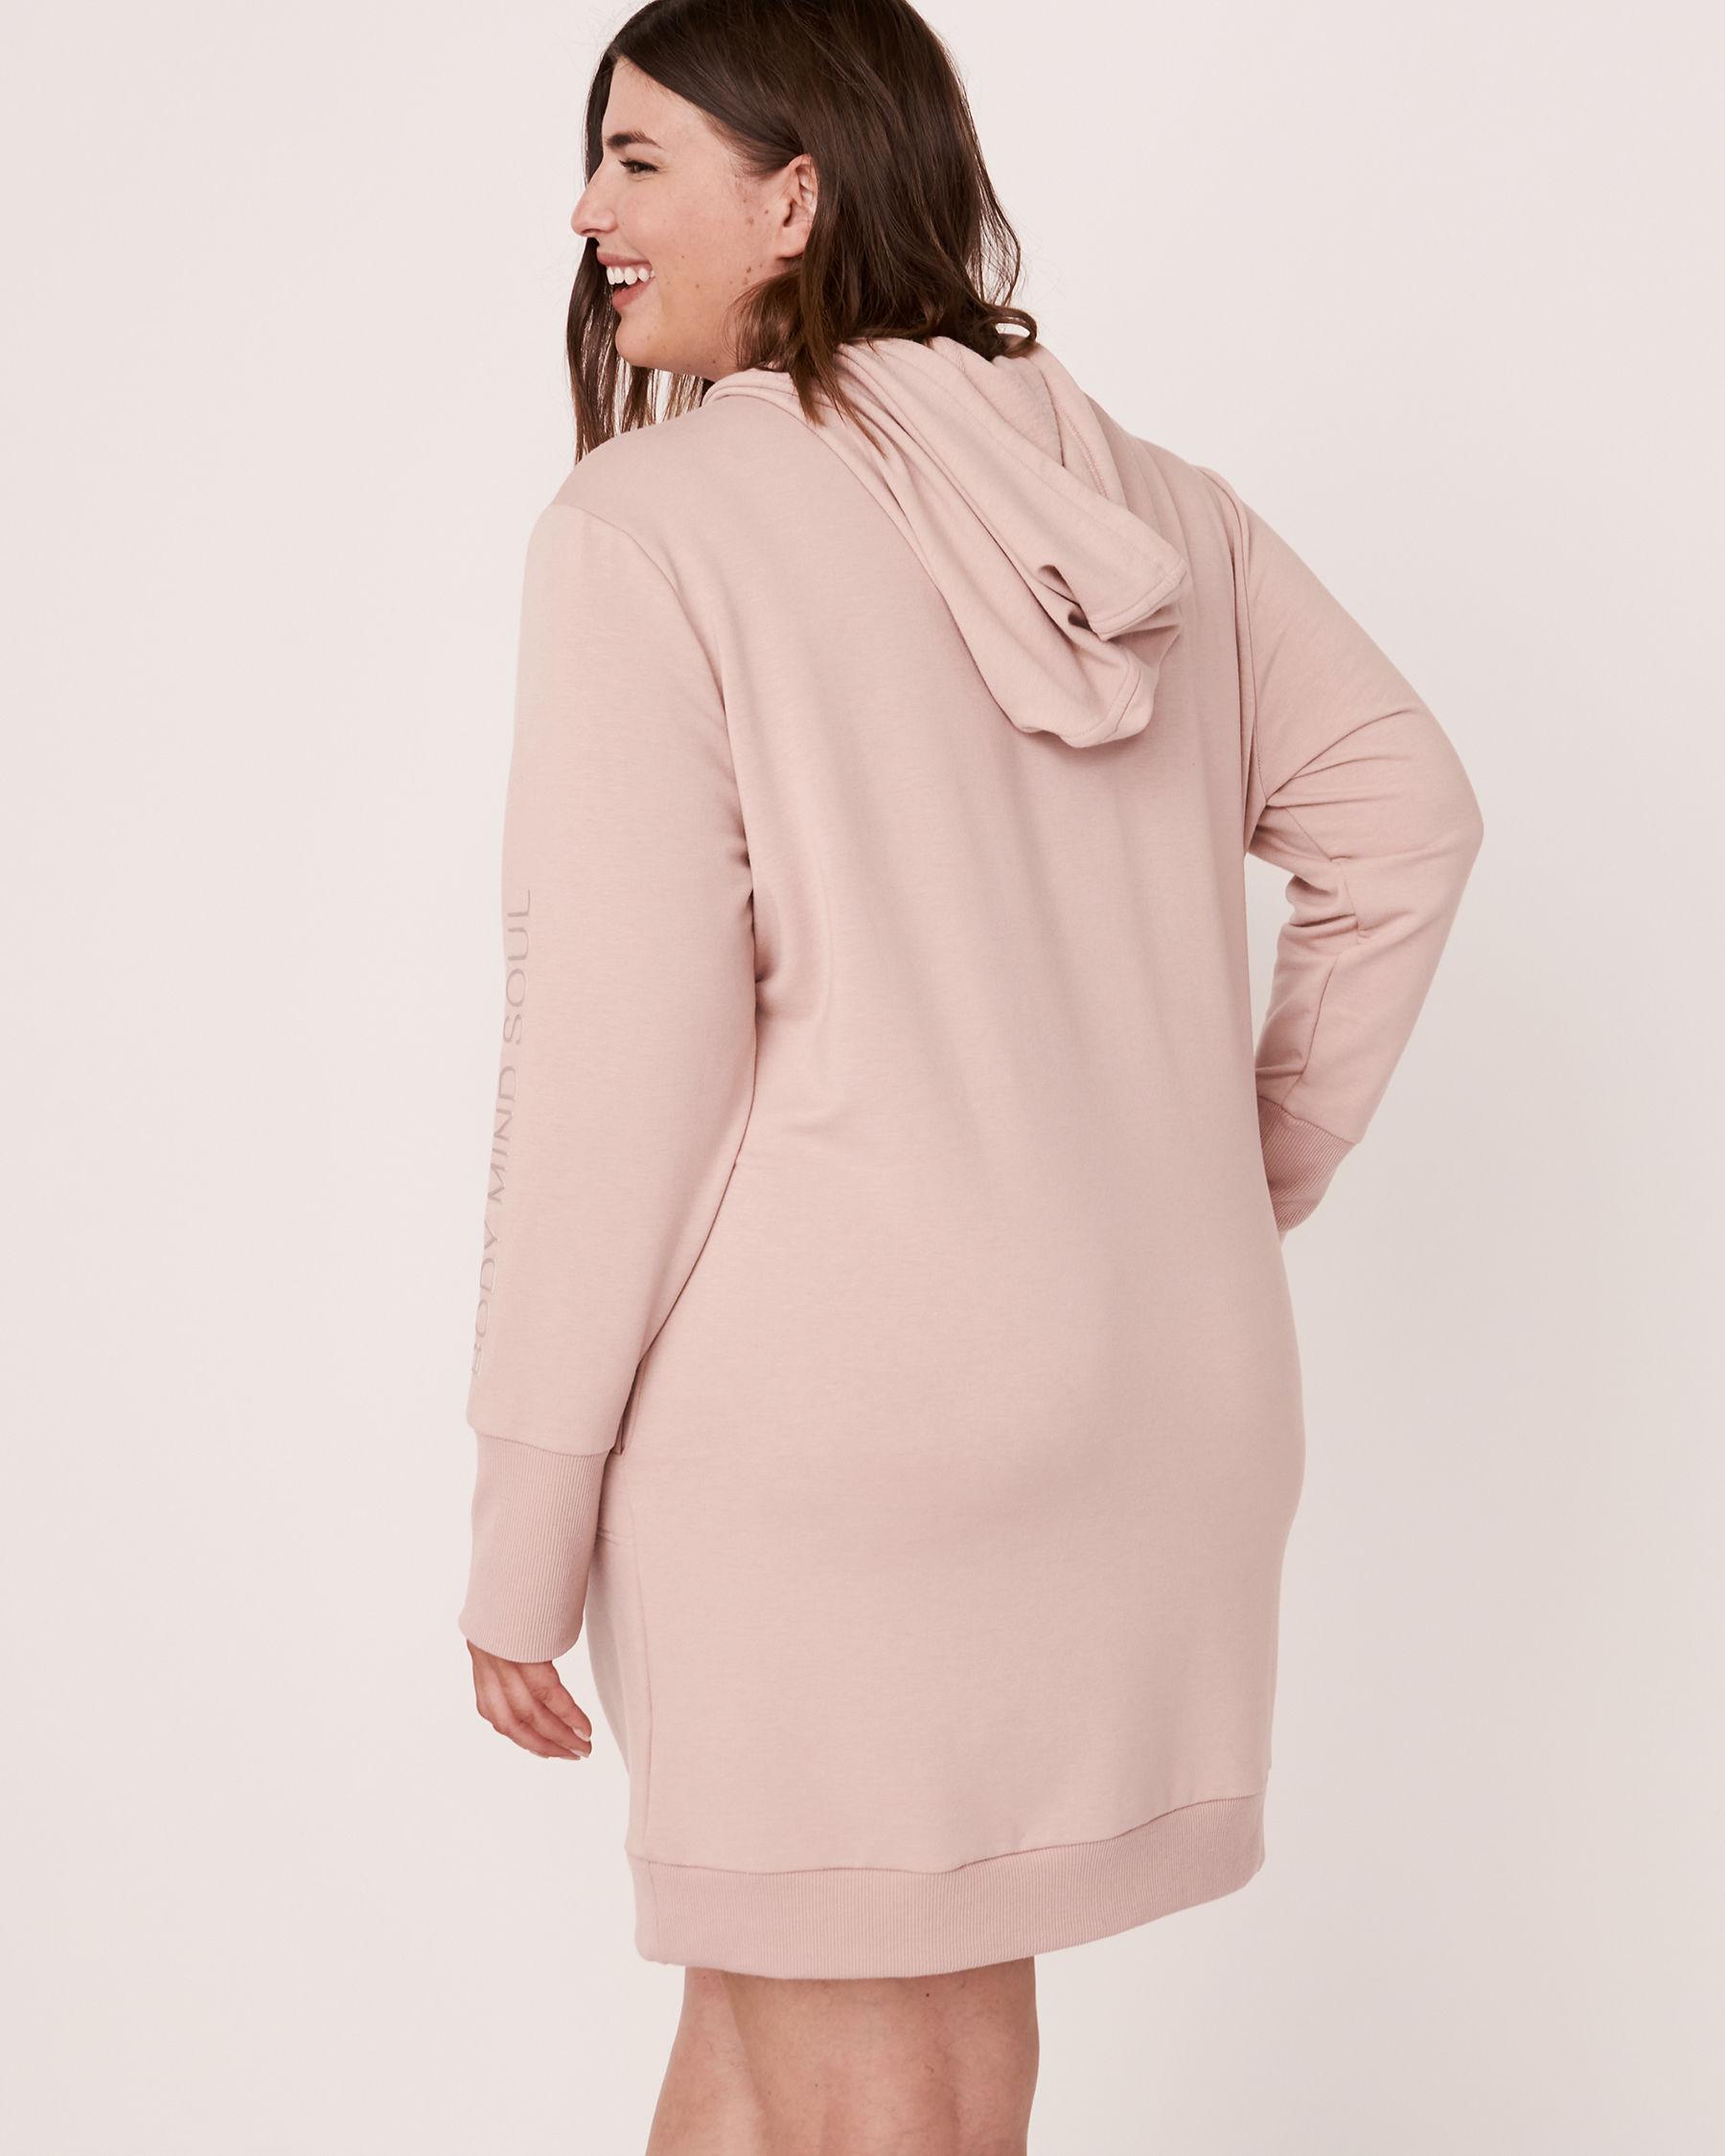 LA VIE EN ROSE Robe manches longues à capuchon Ombre grise 50400007 - Voir6